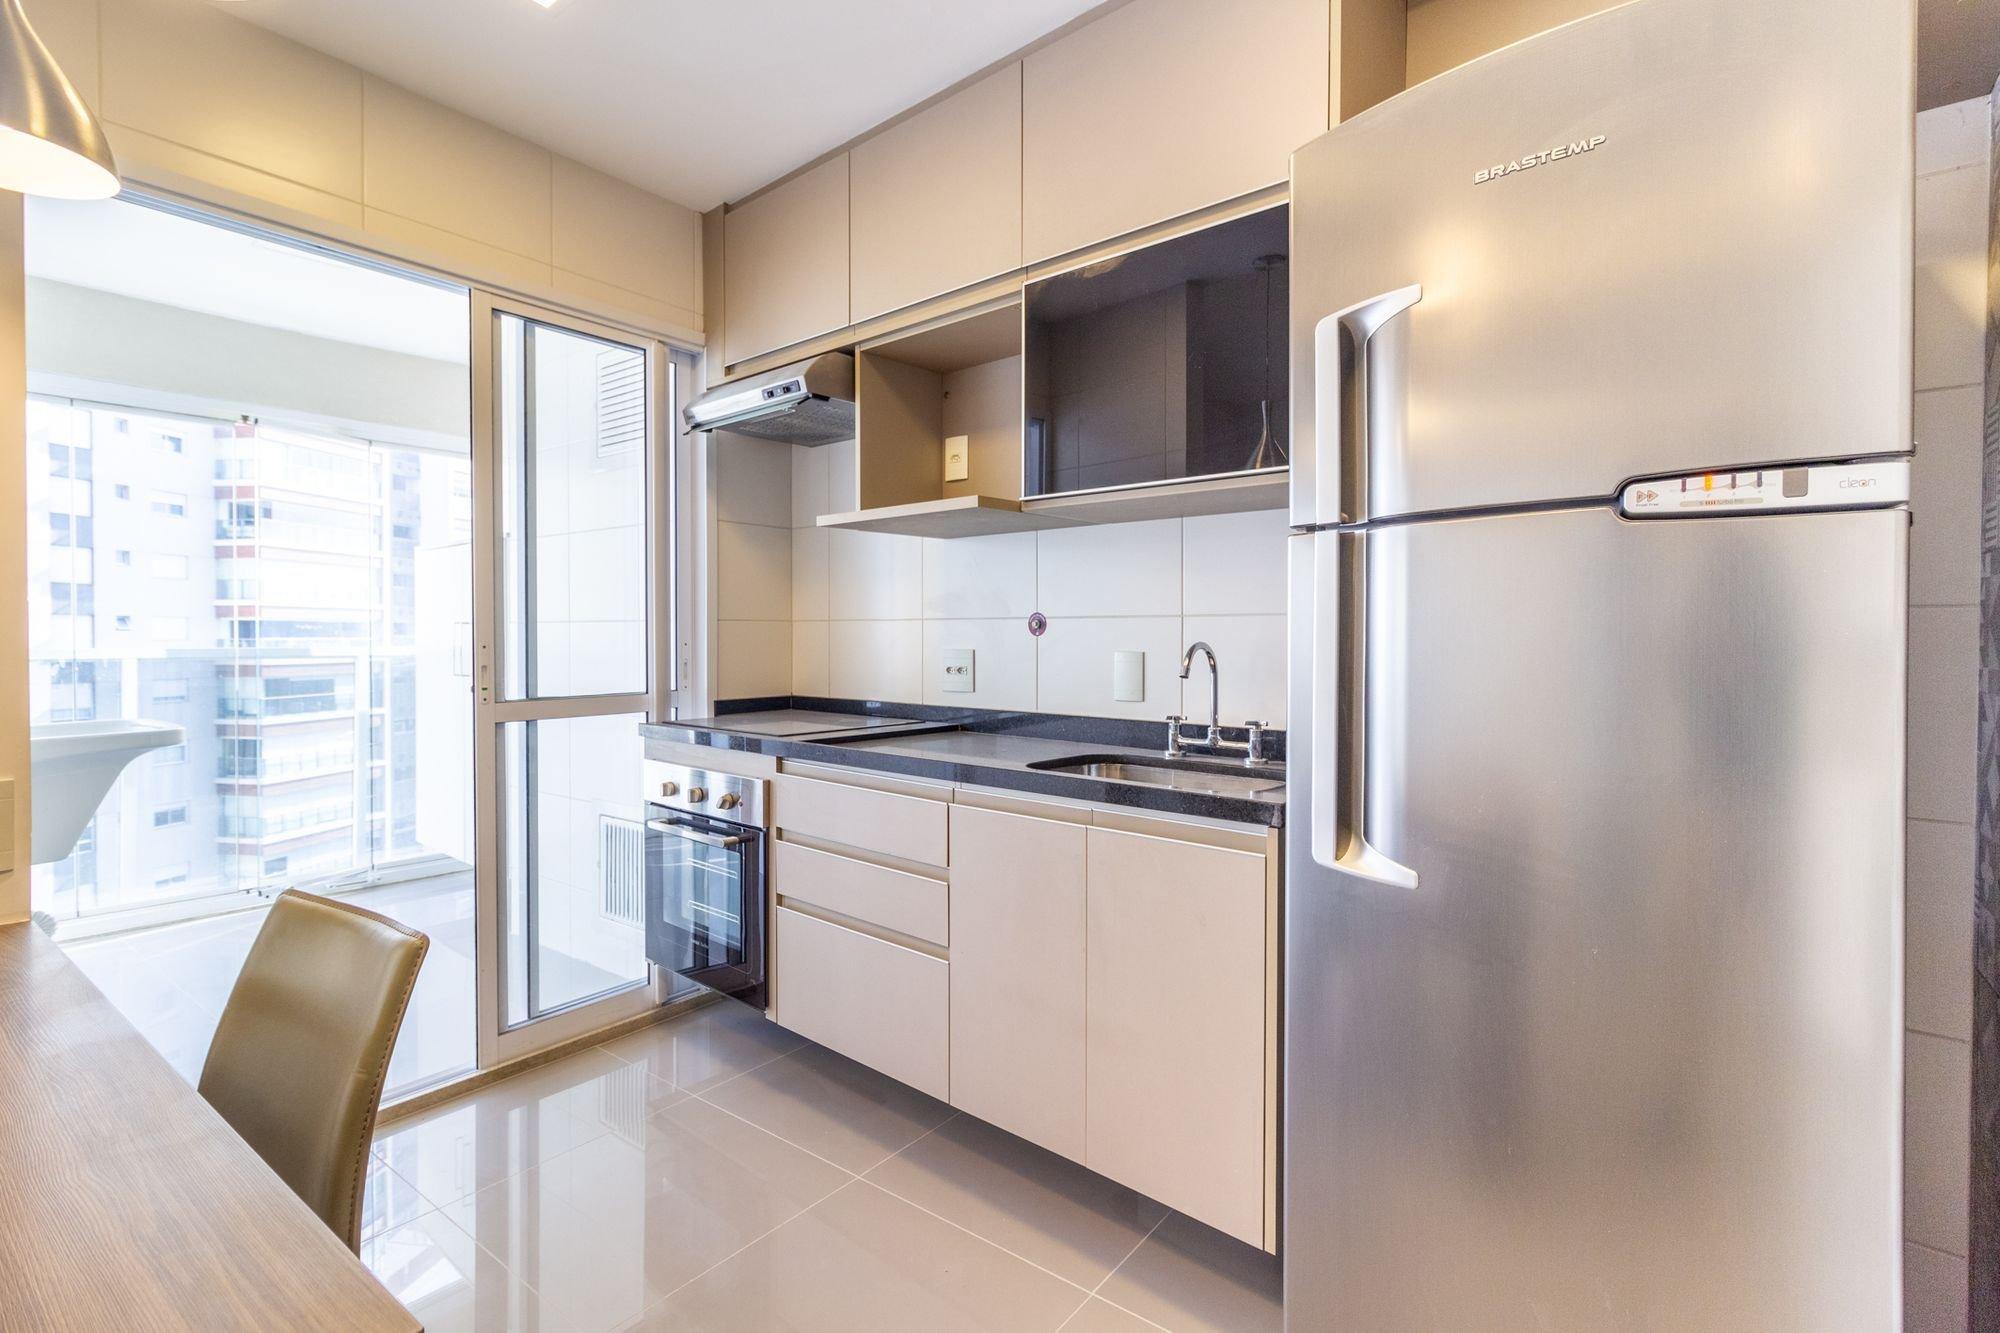 Foto de Cozinha com geladeira, cadeira, pia, mesa de jantar